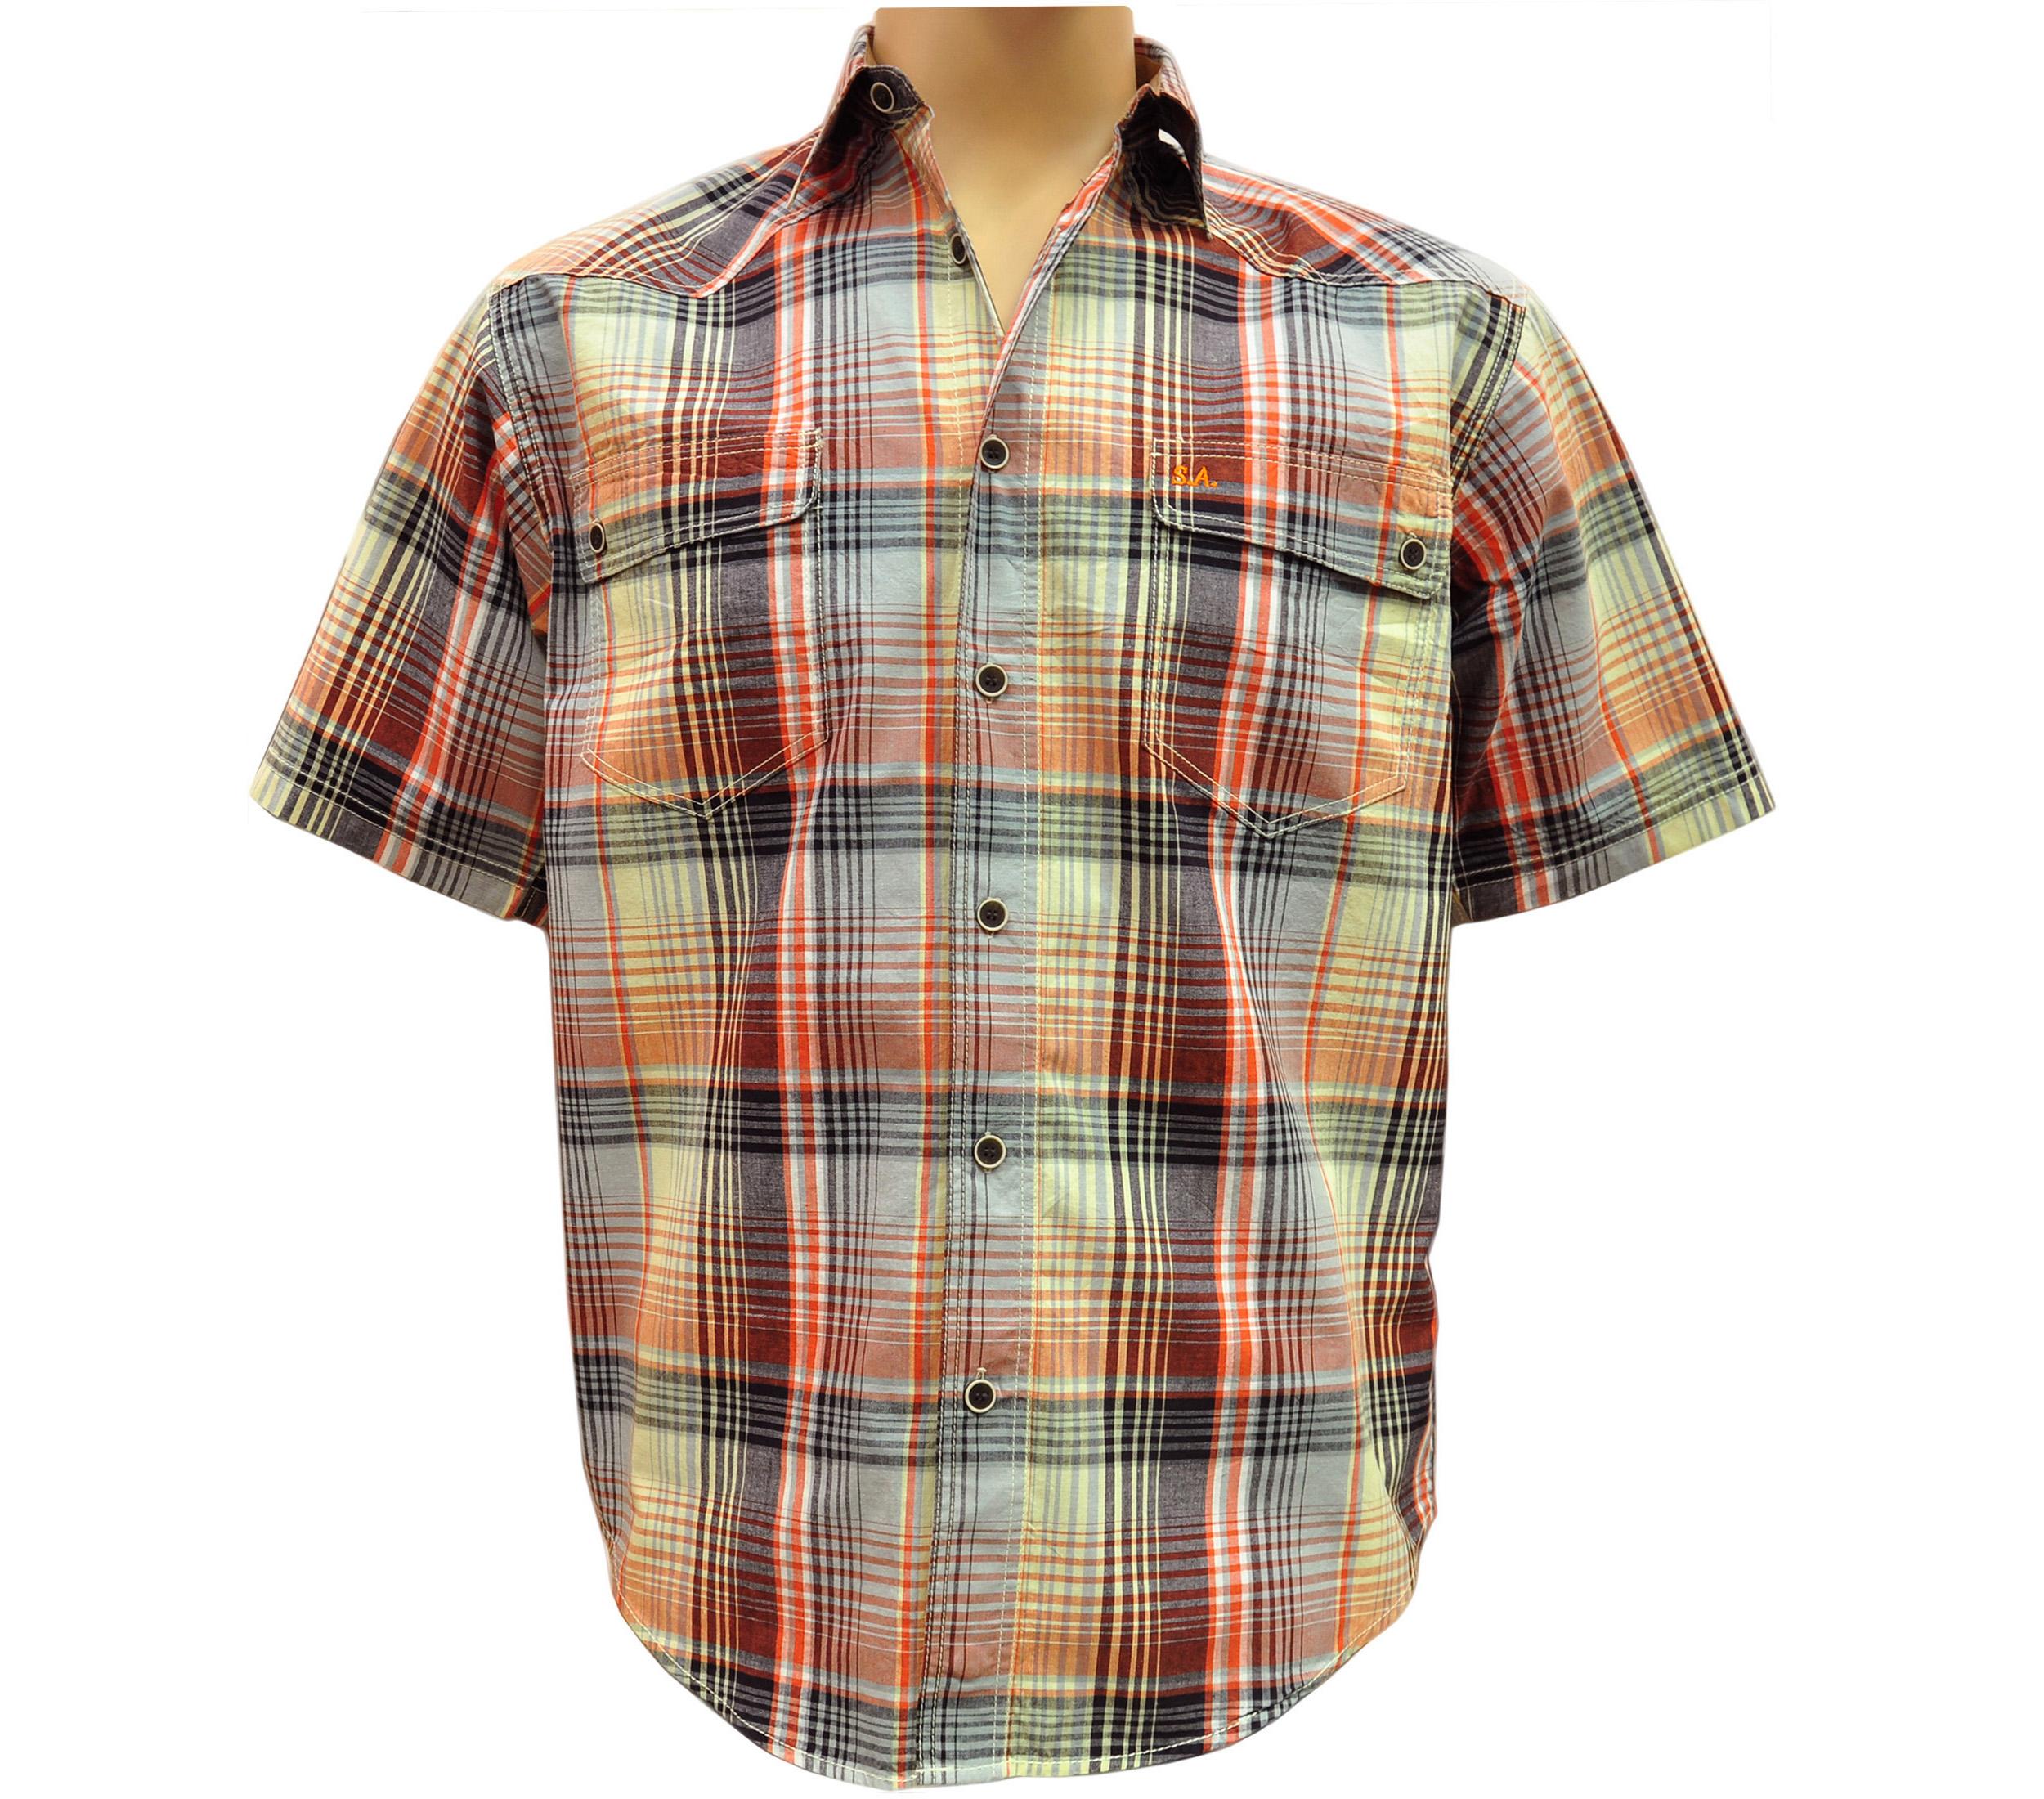 Мужская рубашка в крупную желто-красную с зелено коричневым